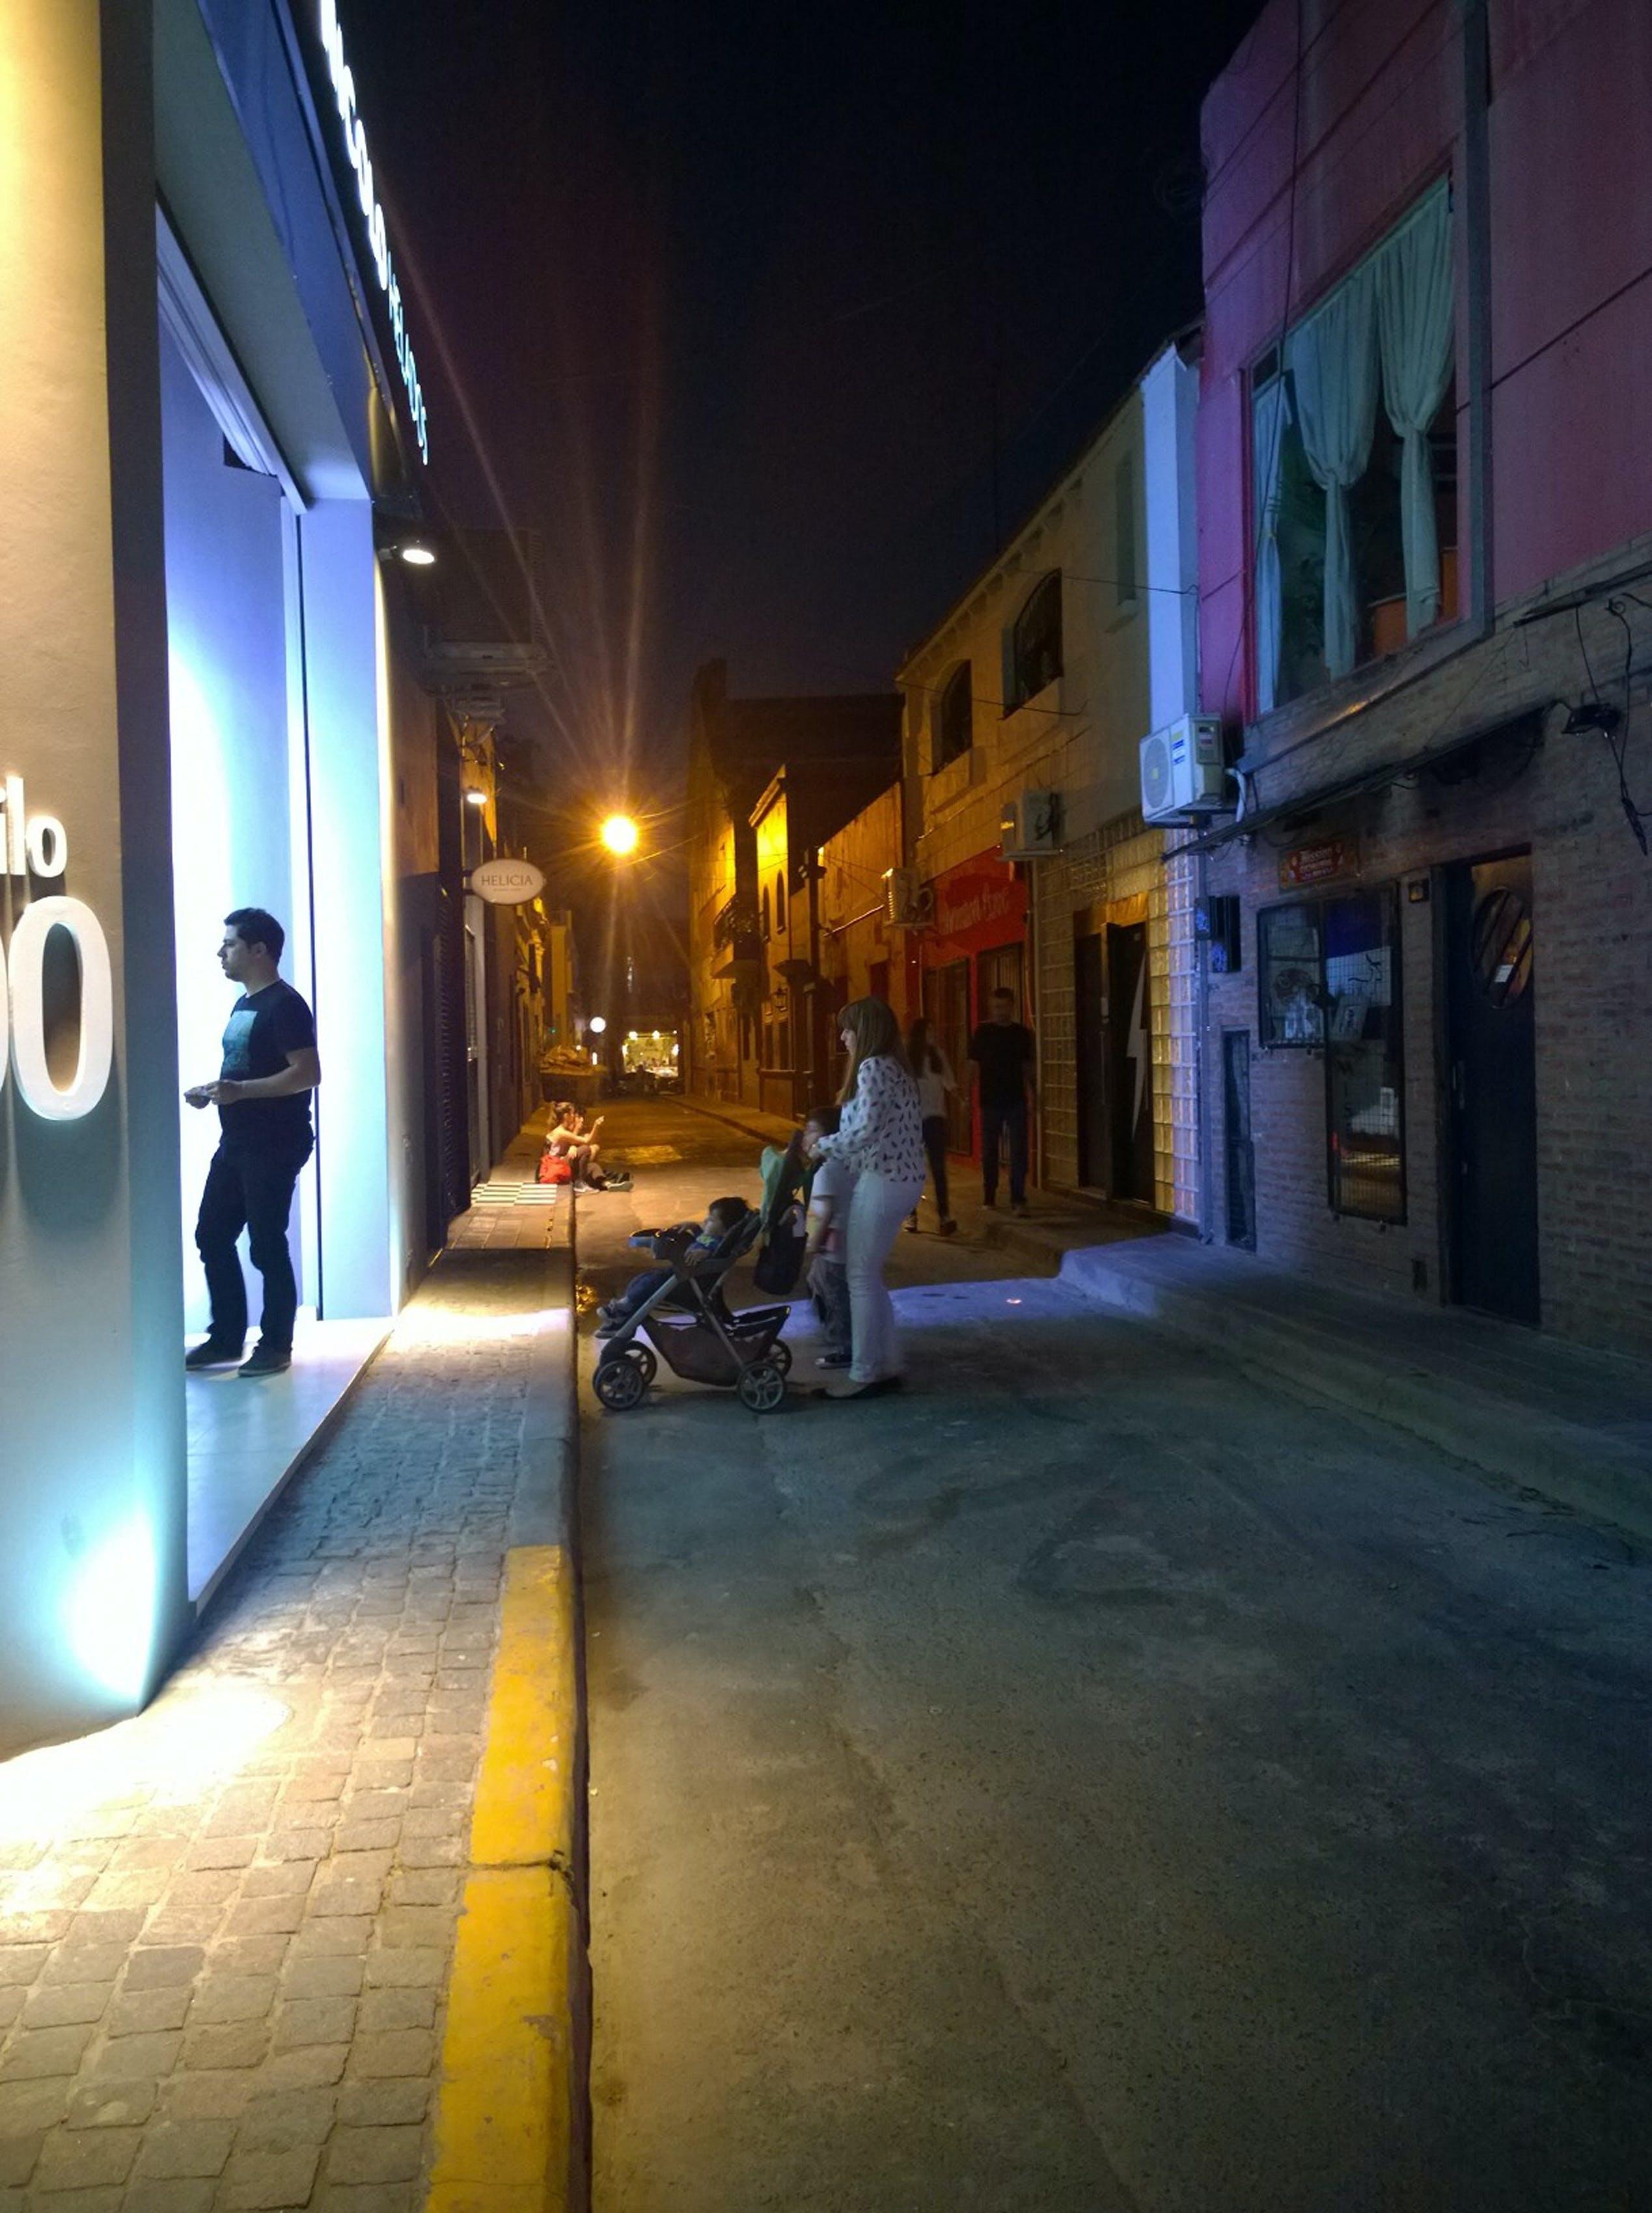 Δωρεάν στοκ φωτογραφιών με δρόμος, Νύχτα, πόλη, φώτα